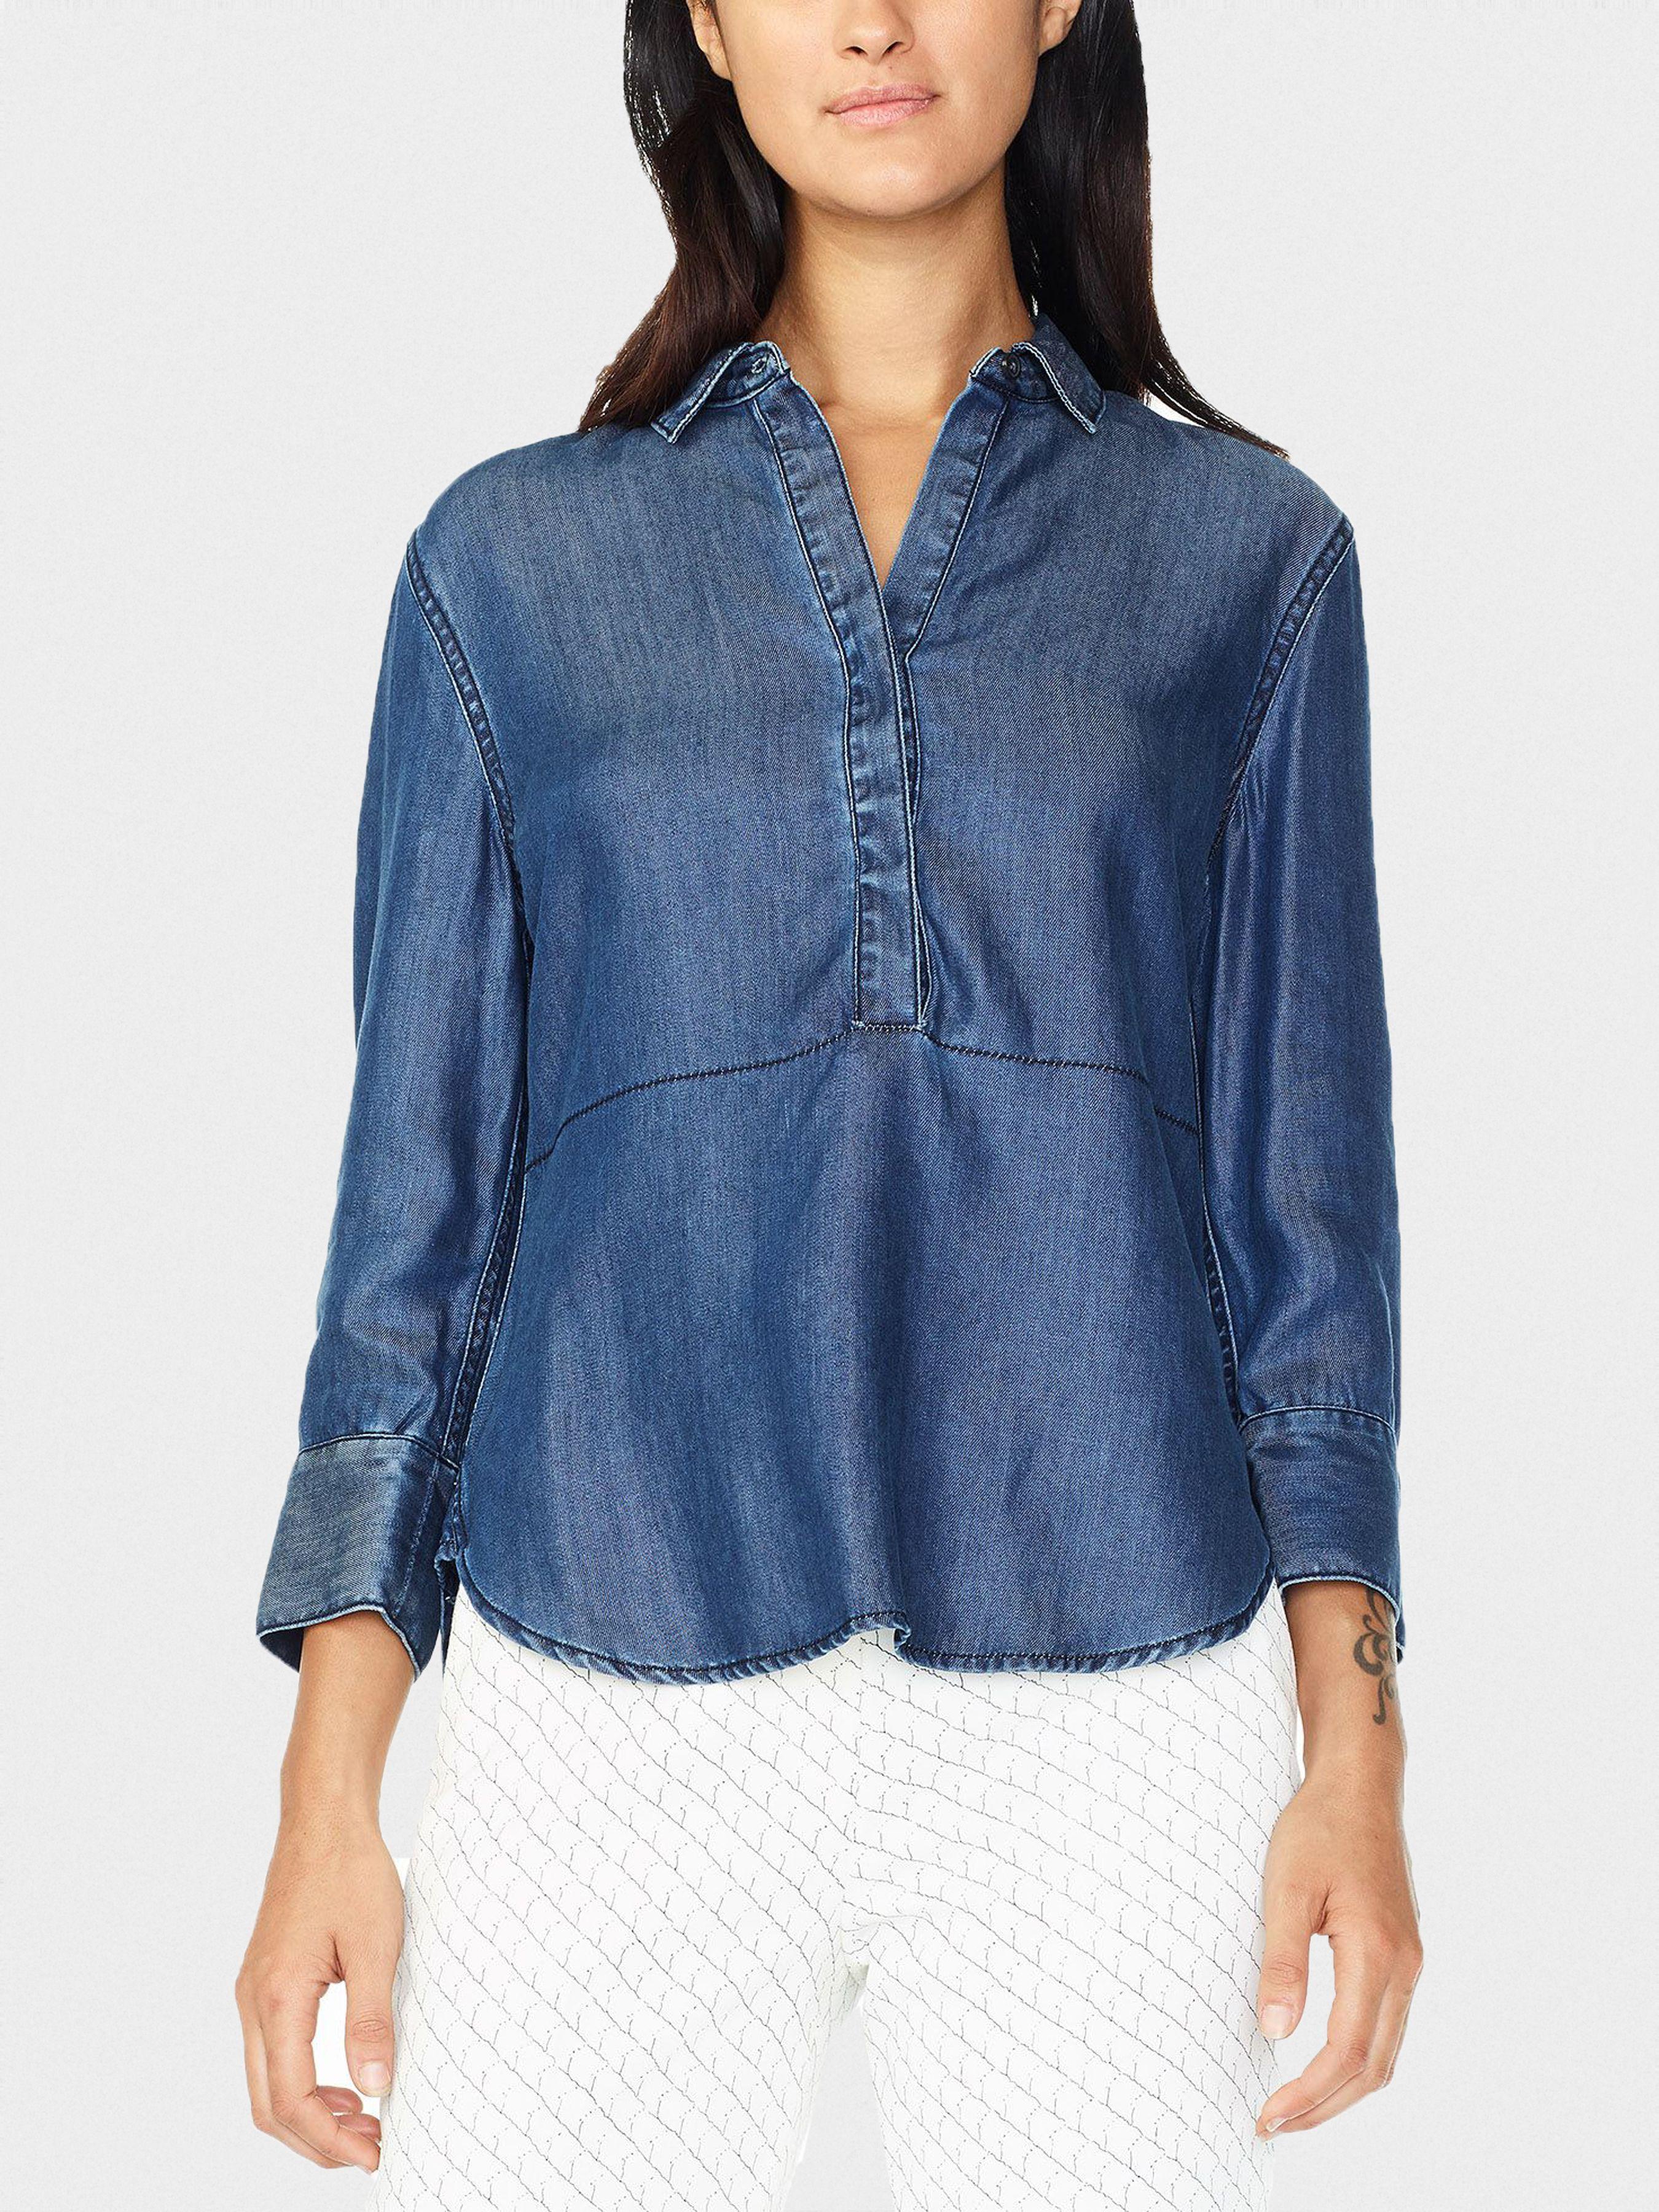 Купить Блуза женские модель QZ88, Armani Exchange, Синий